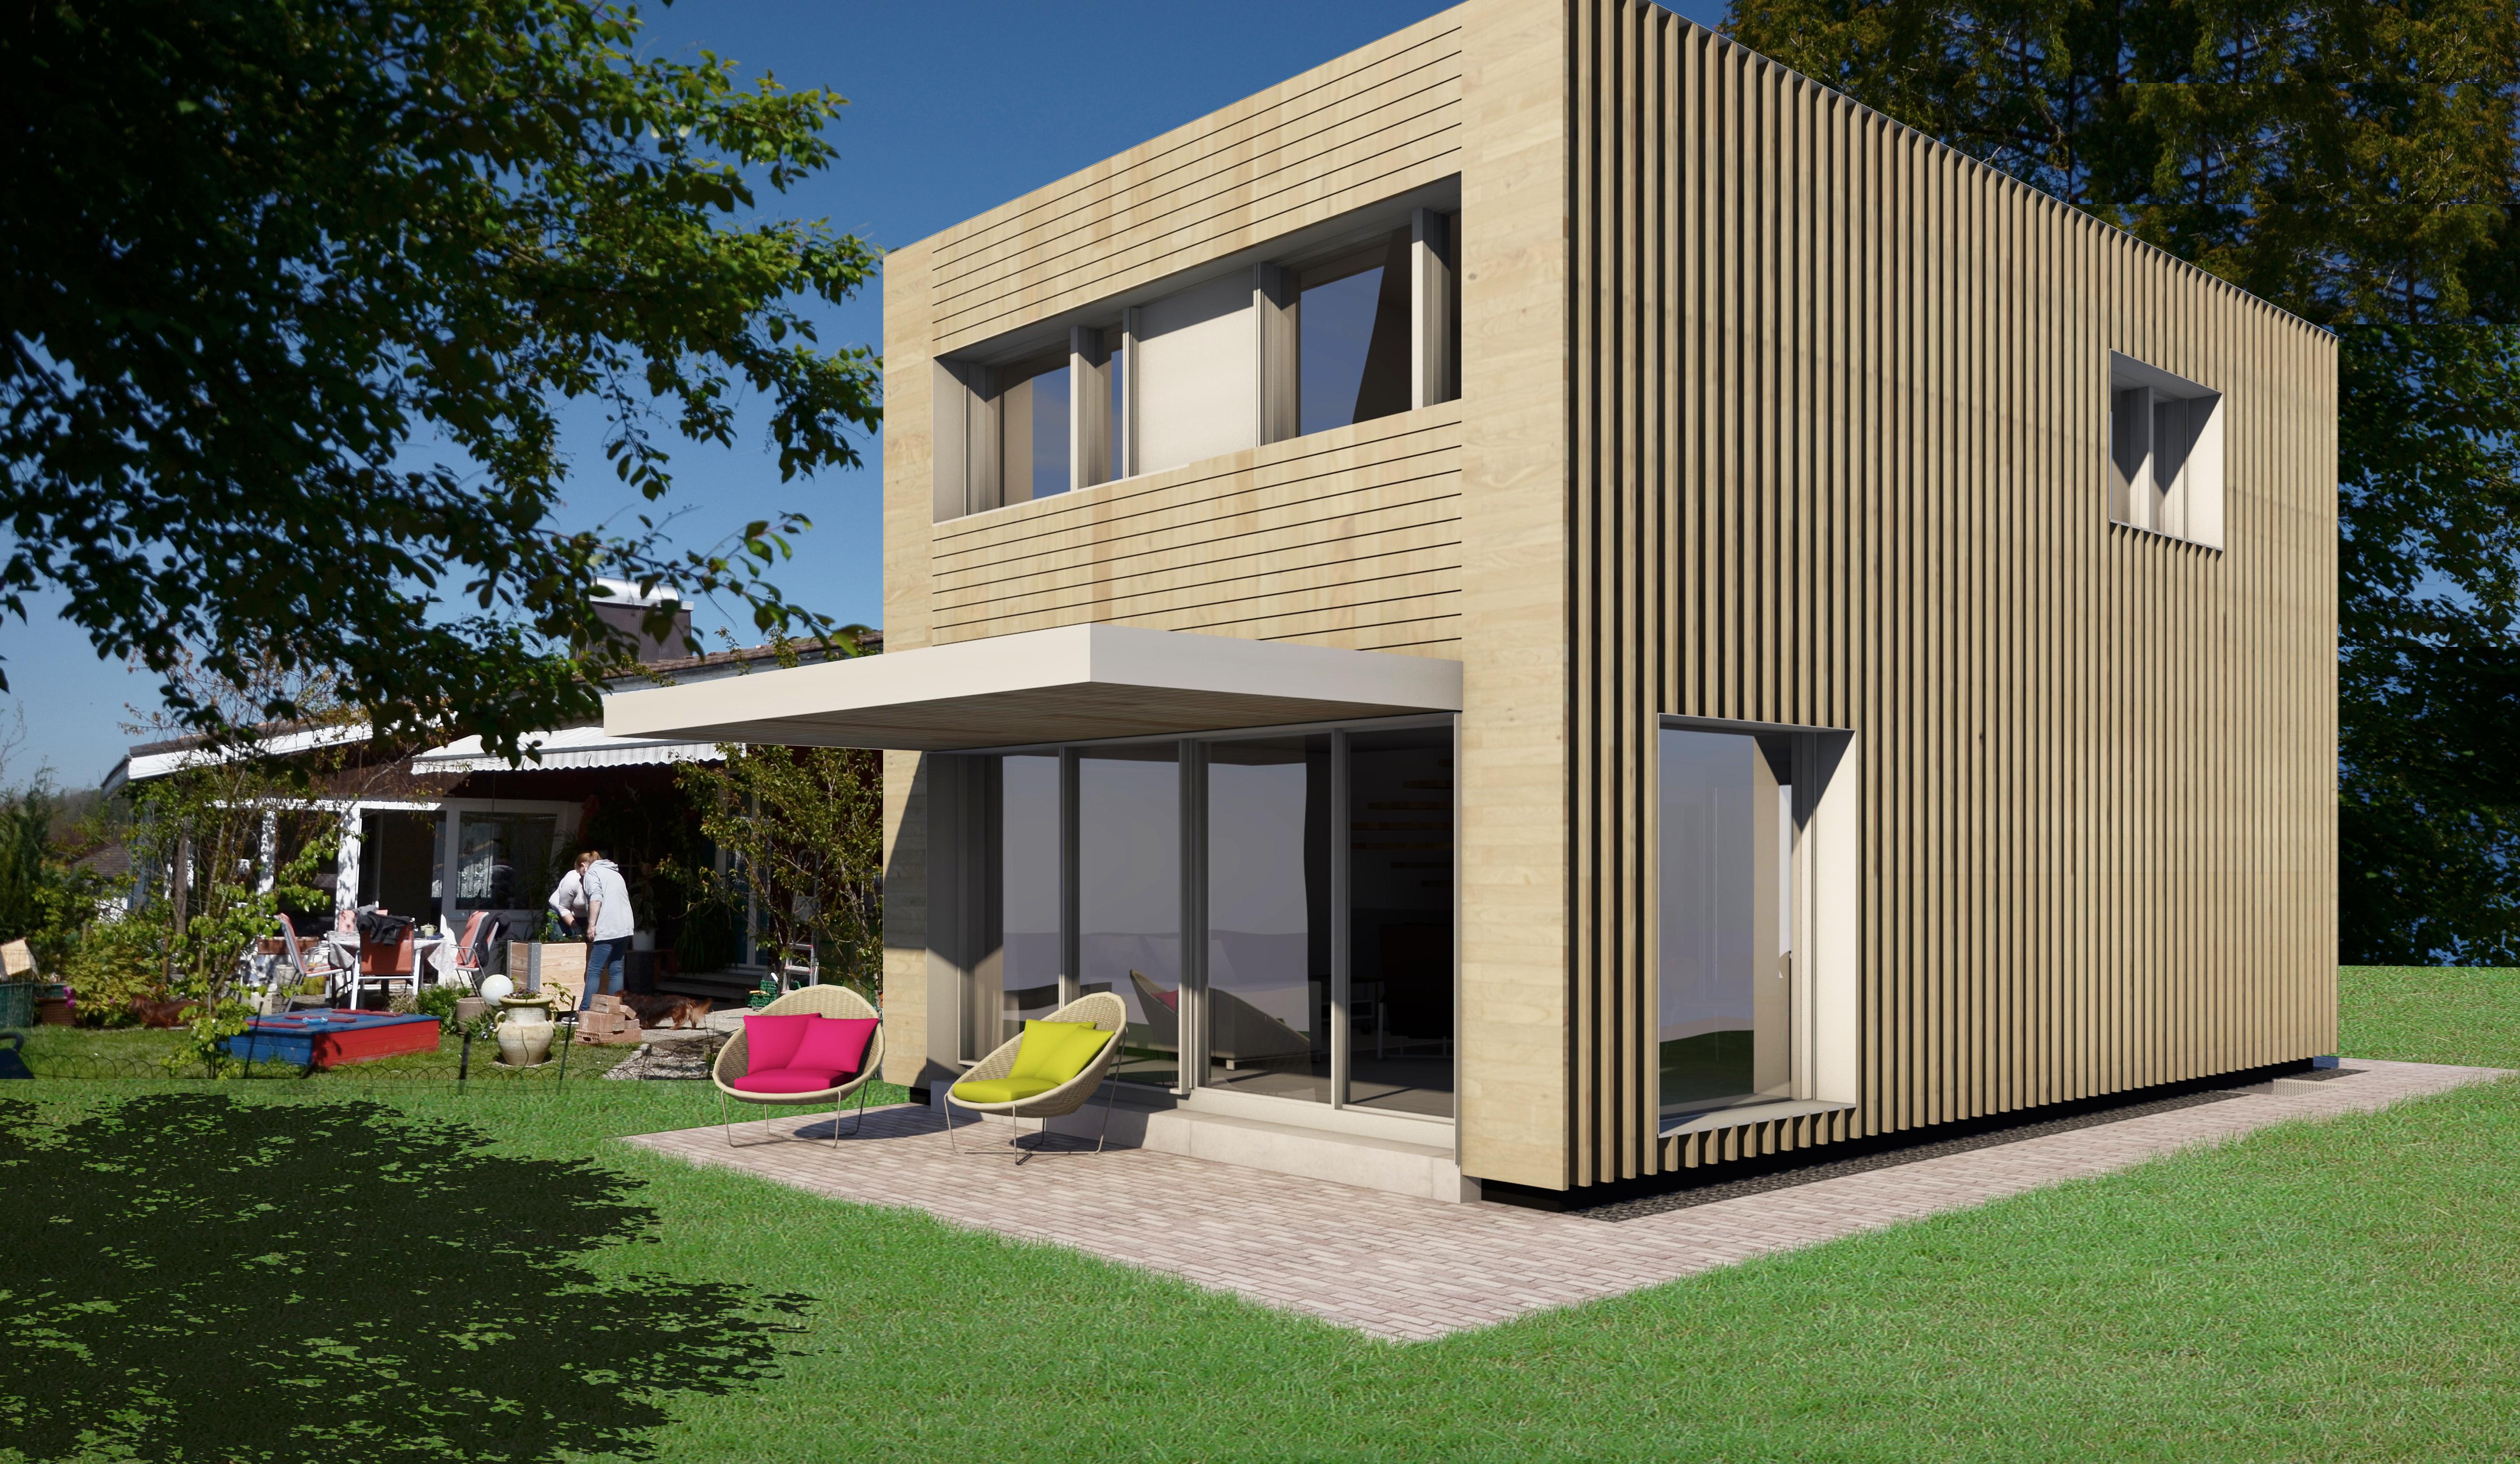 Wohnhaus bei Winterthur